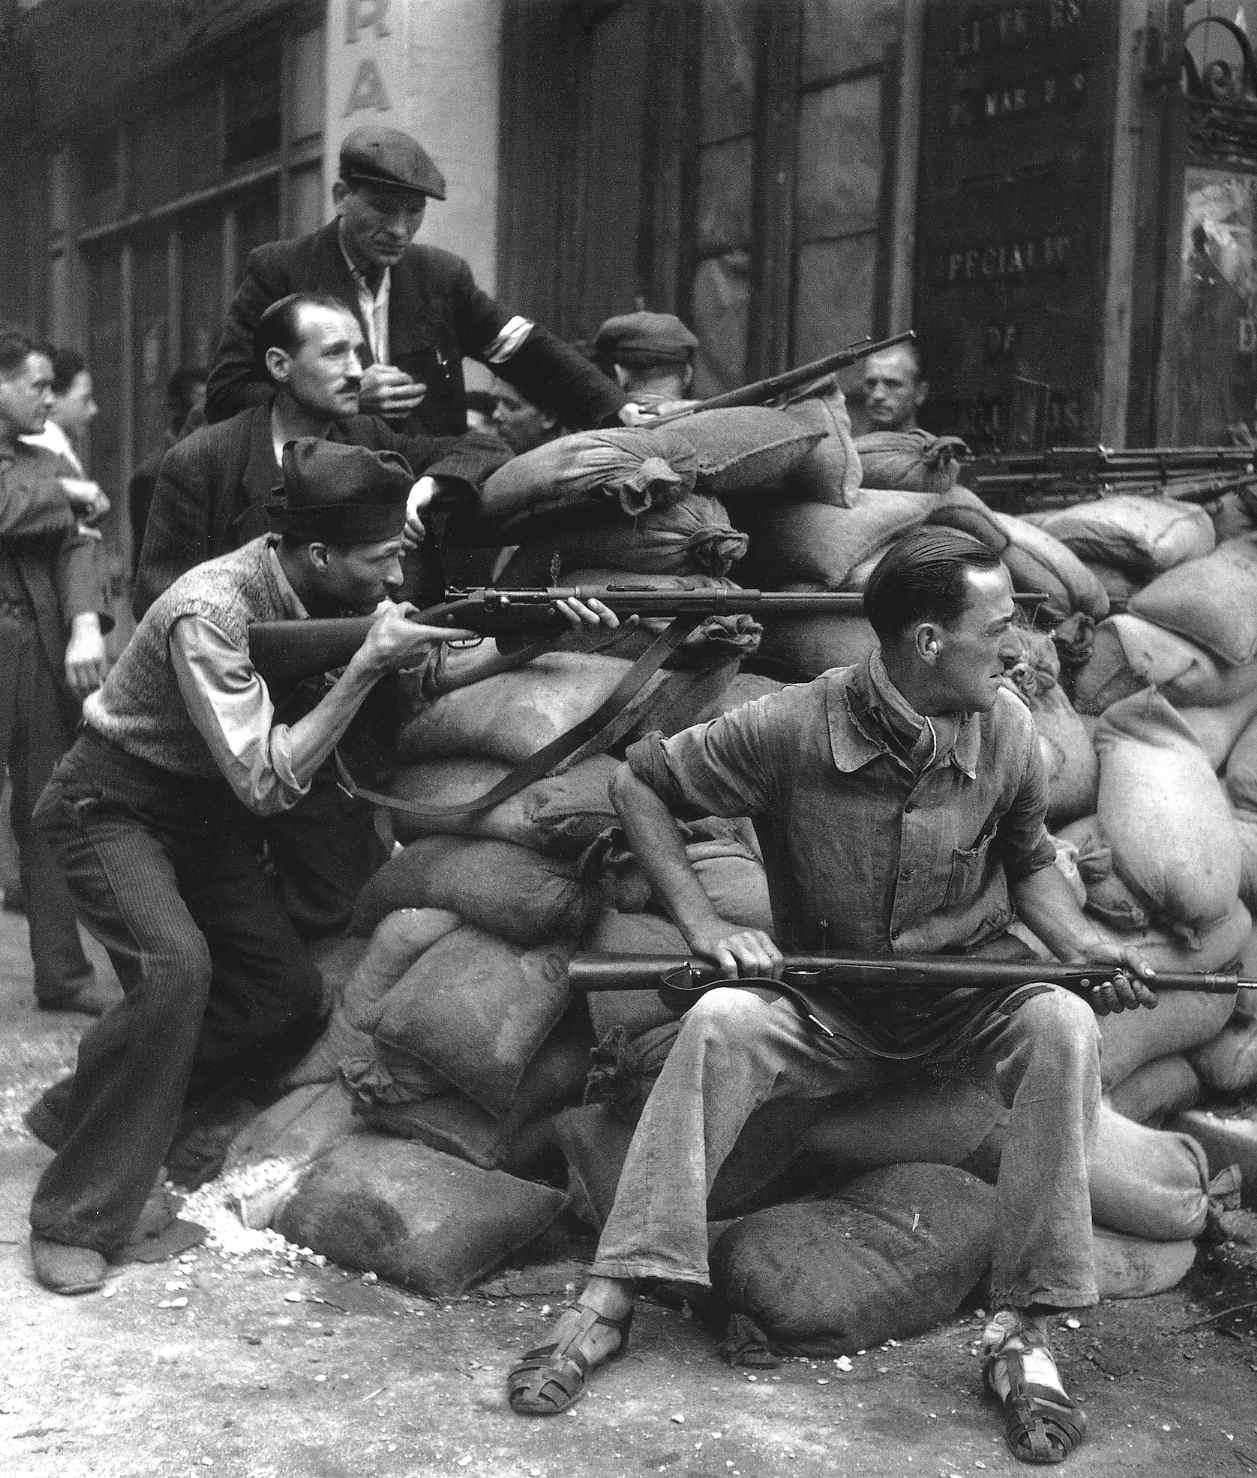 robert-doisneau-barricades-paris-1944